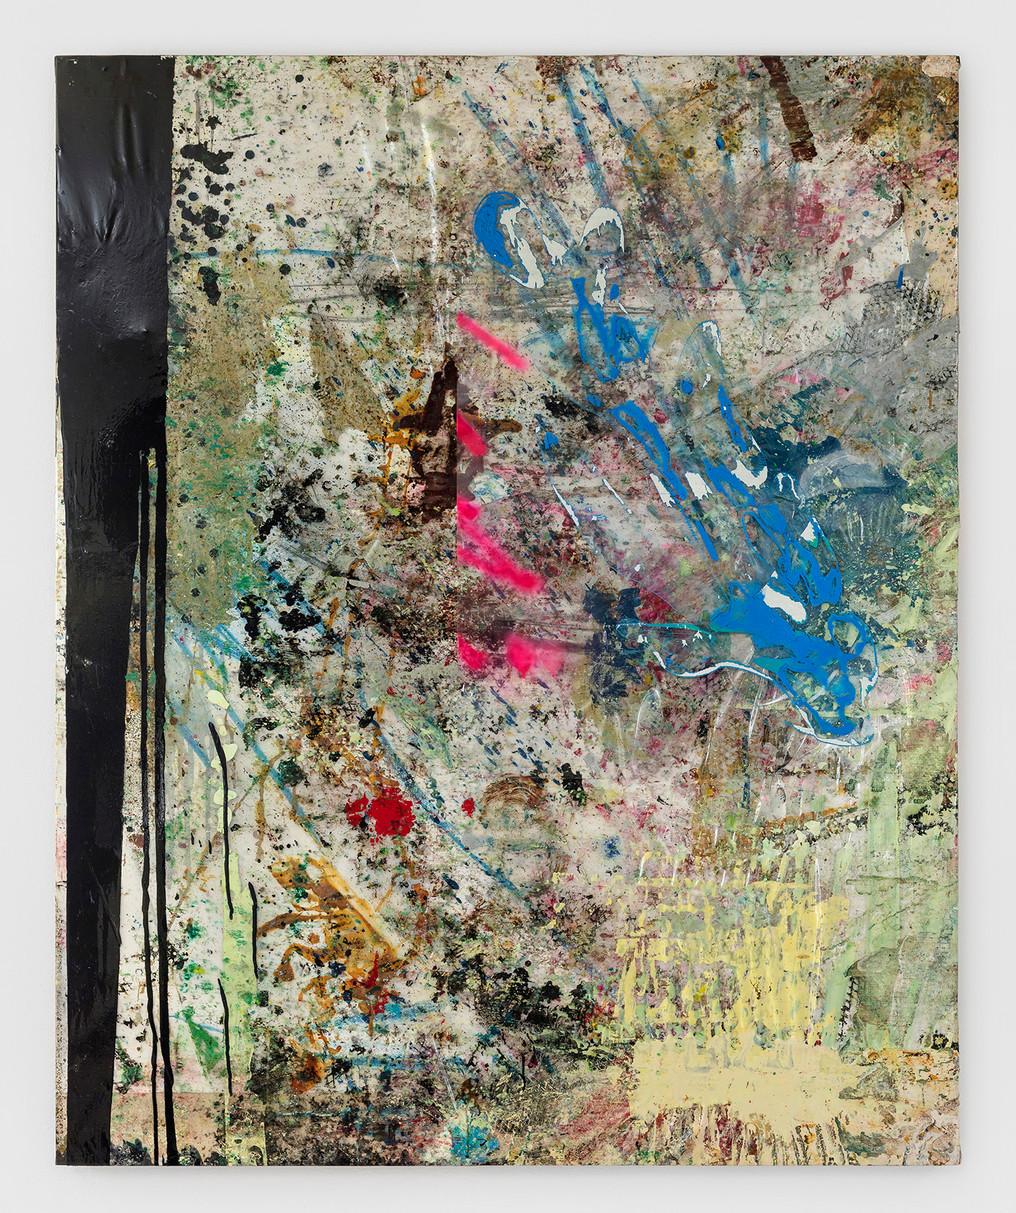 sem título 2018 óleo, esmalte, papel algodão, lona plástica sobre madeira 160x130cm